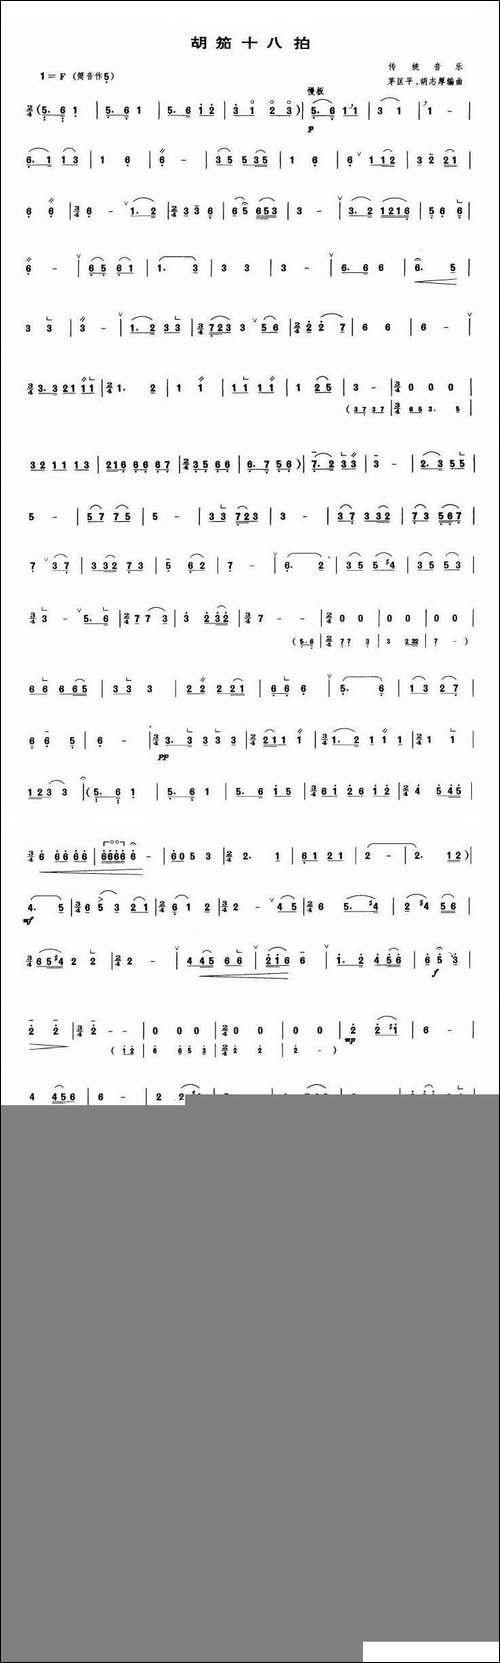 胡笳十八拍_笛箫间谱 笛箫谱